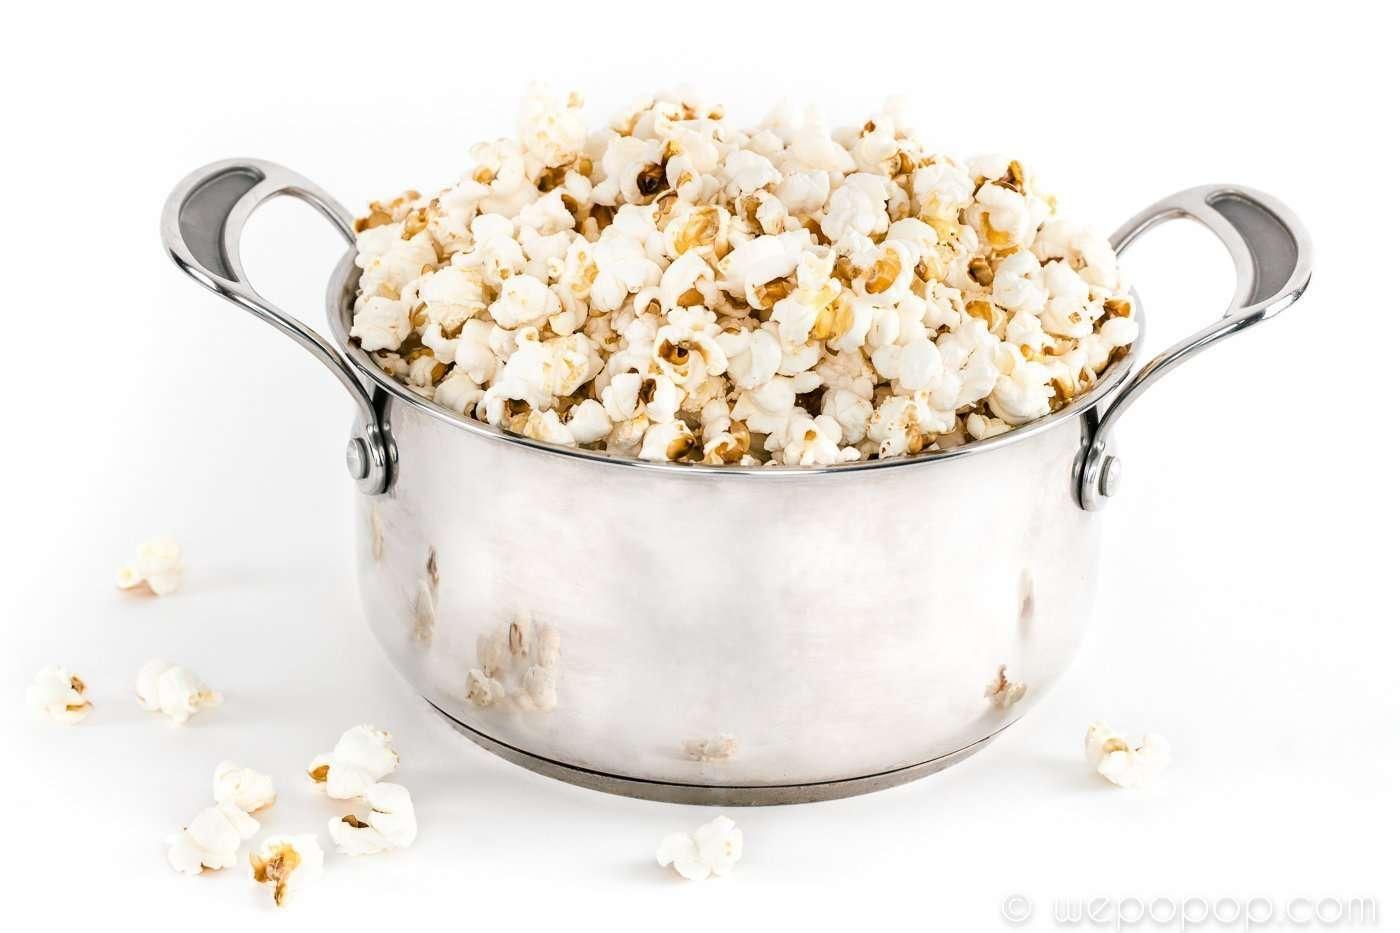 hur poppar man popcorn i micro